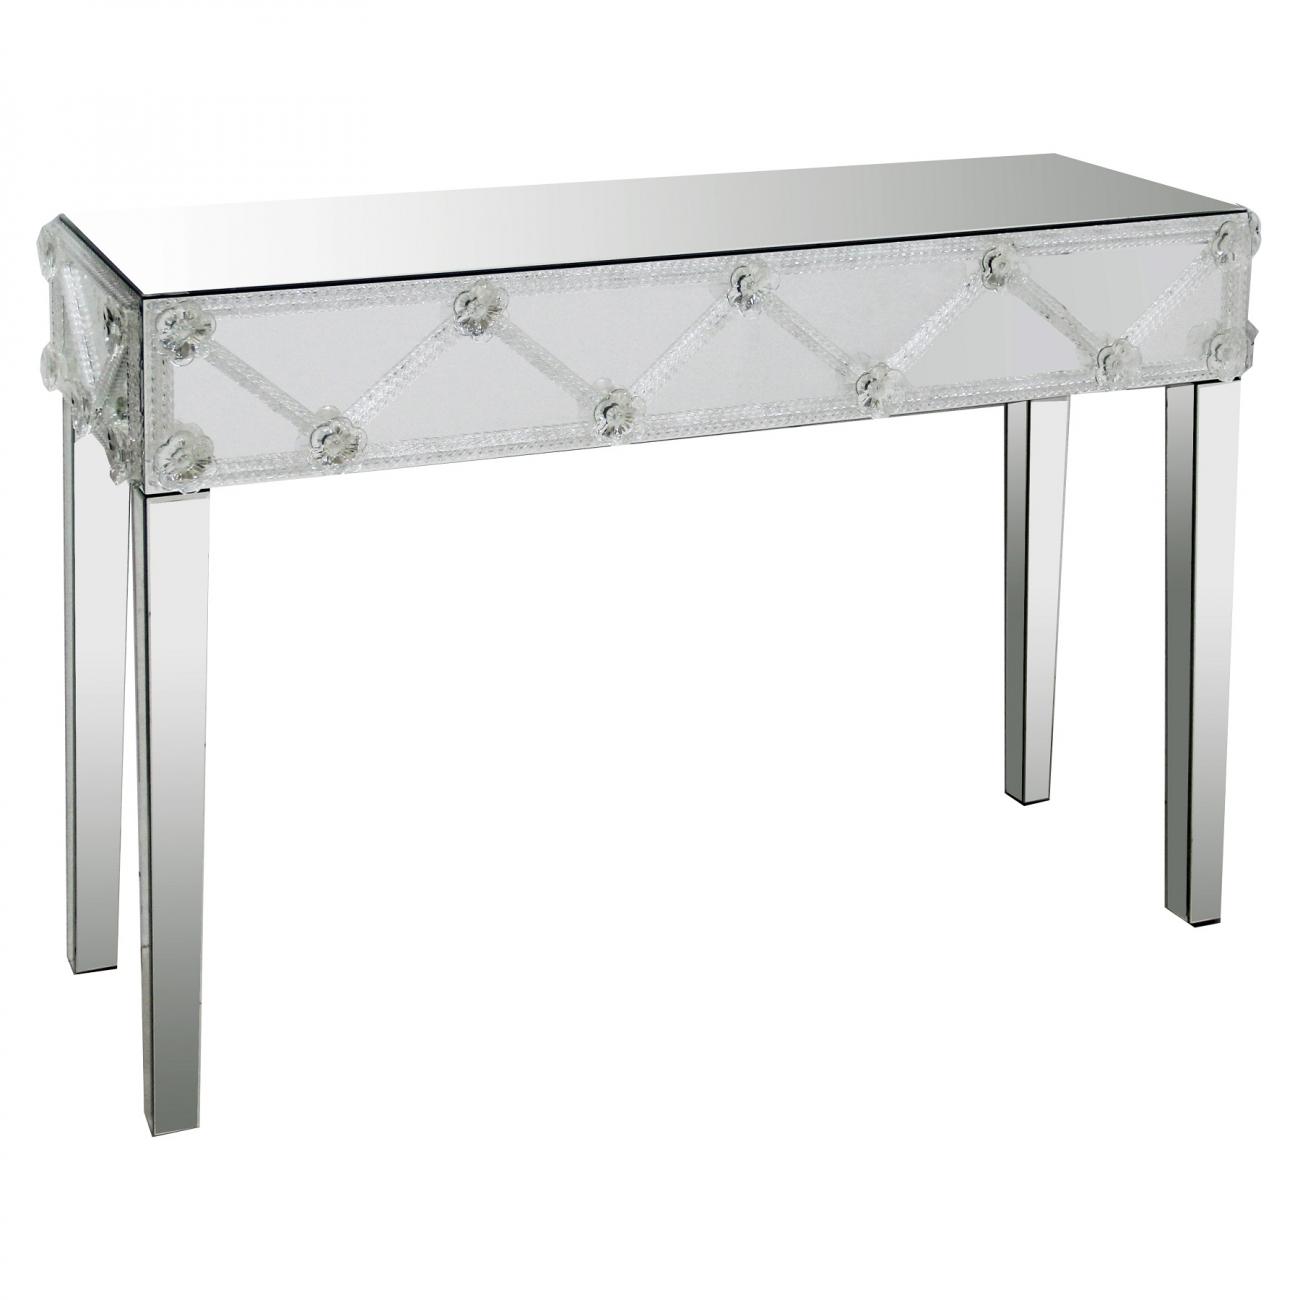 Купить Зеркальная консоль Raffinamento в интернет магазине дизайнерской мебели и аксессуаров для дома и дачи